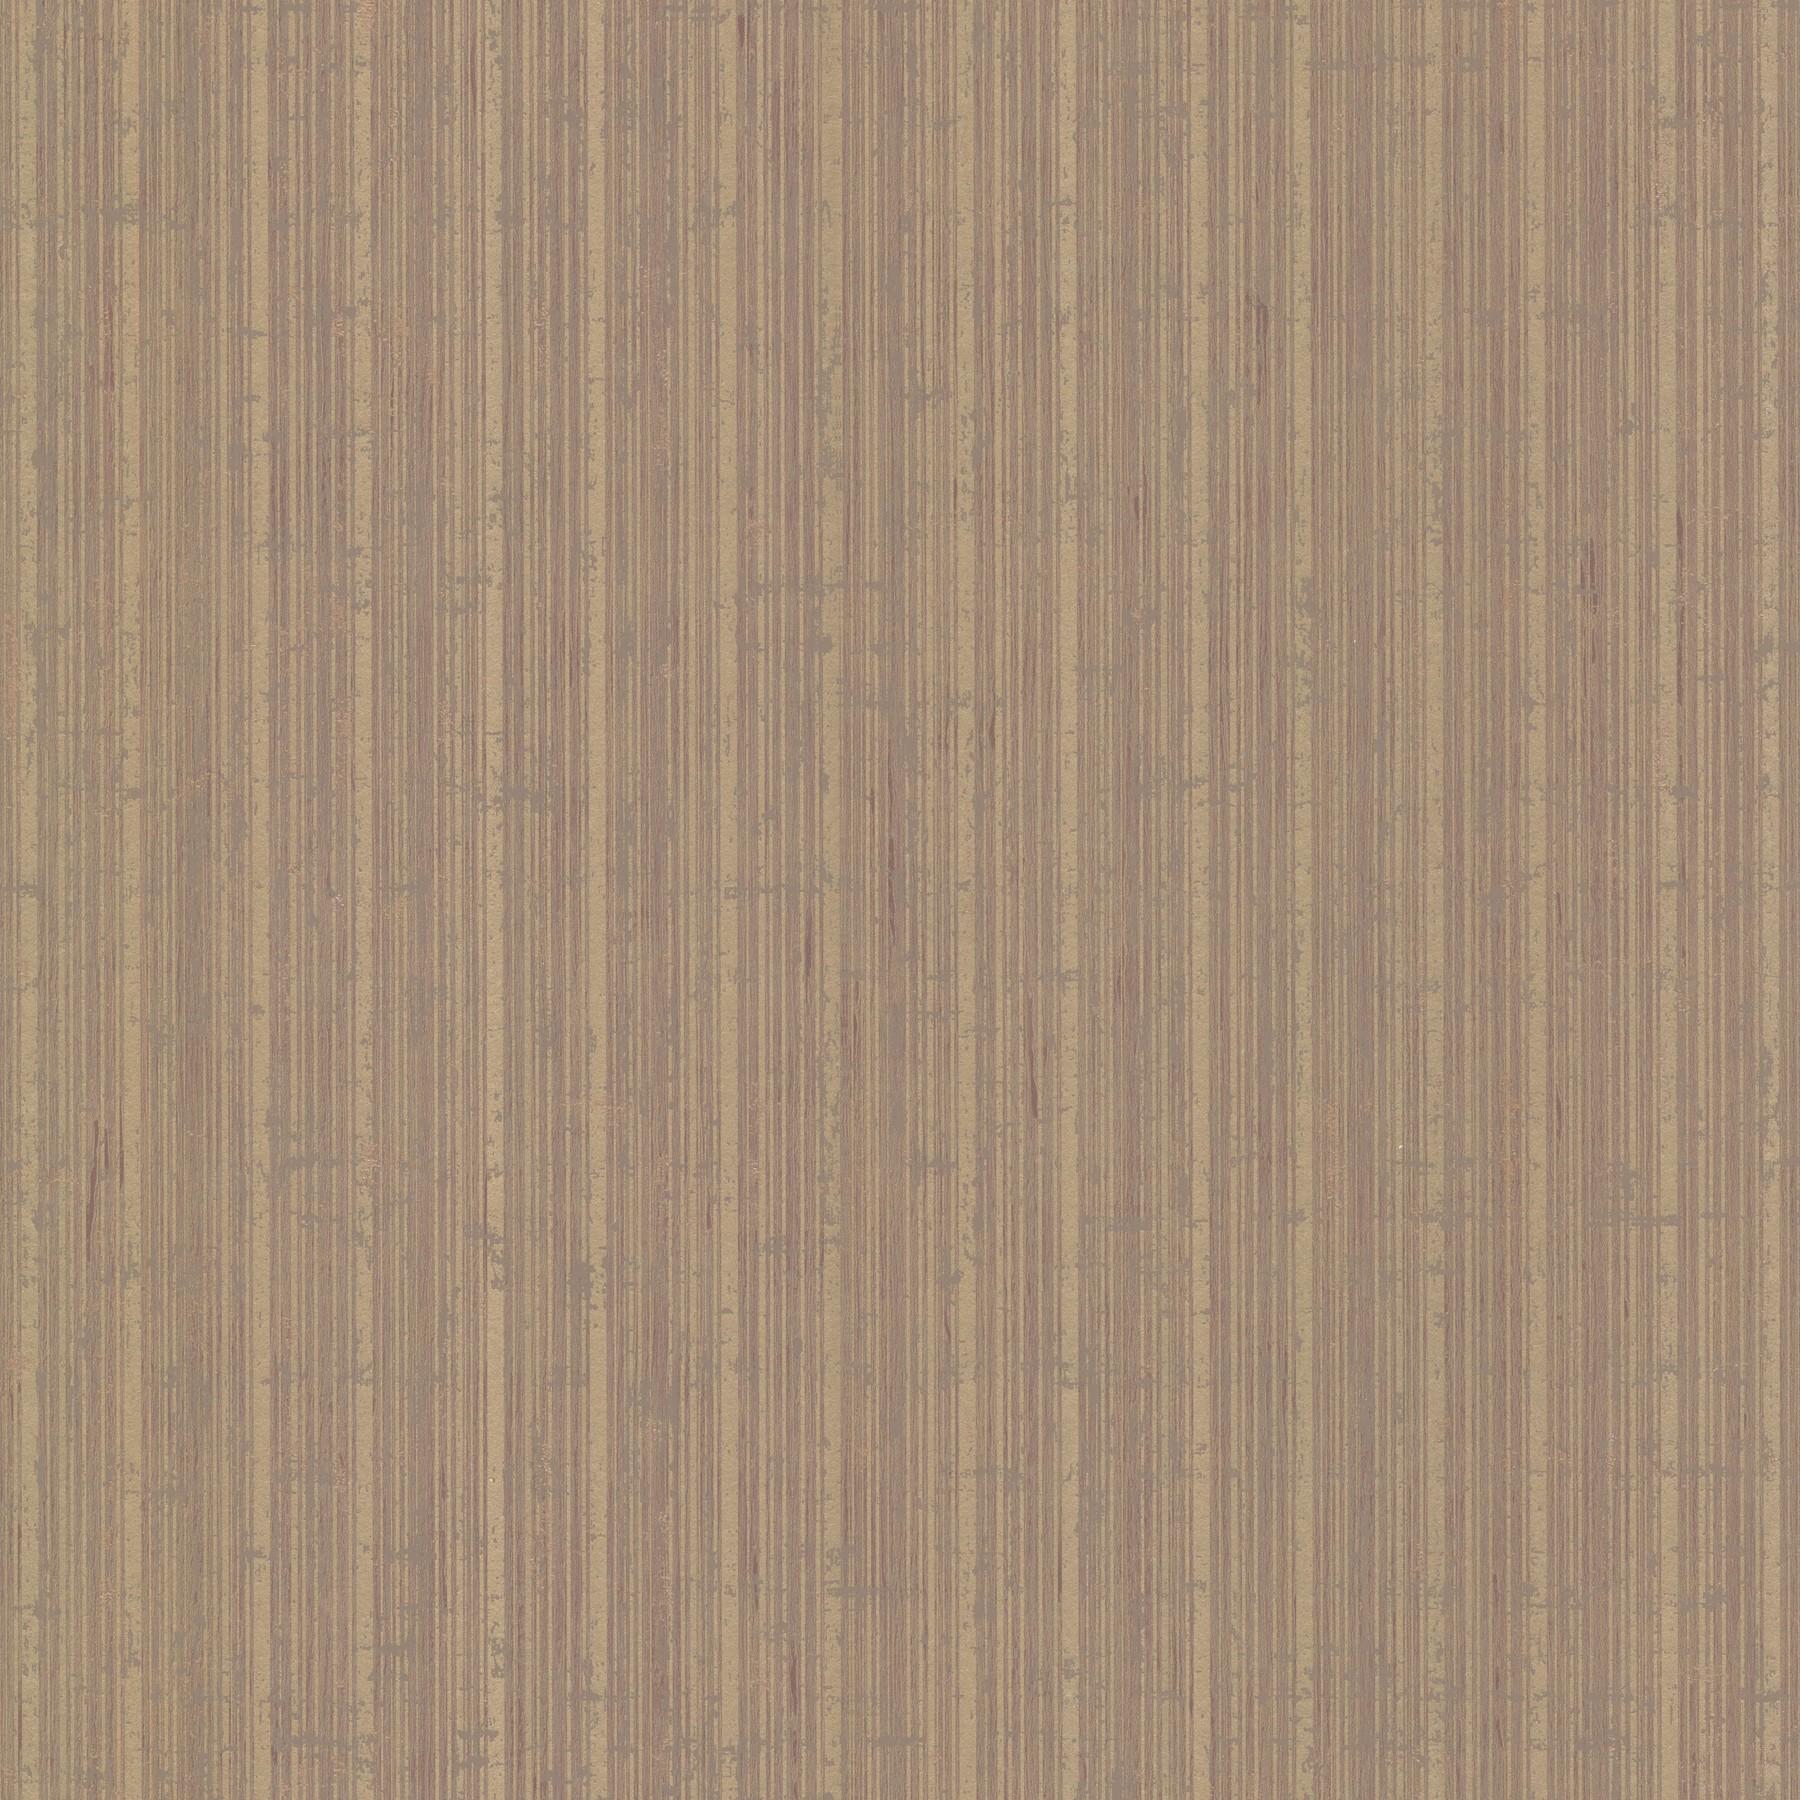 Tapete onyx vliestapete rasch textil 020063 streifen beige for Tapete streifen beige